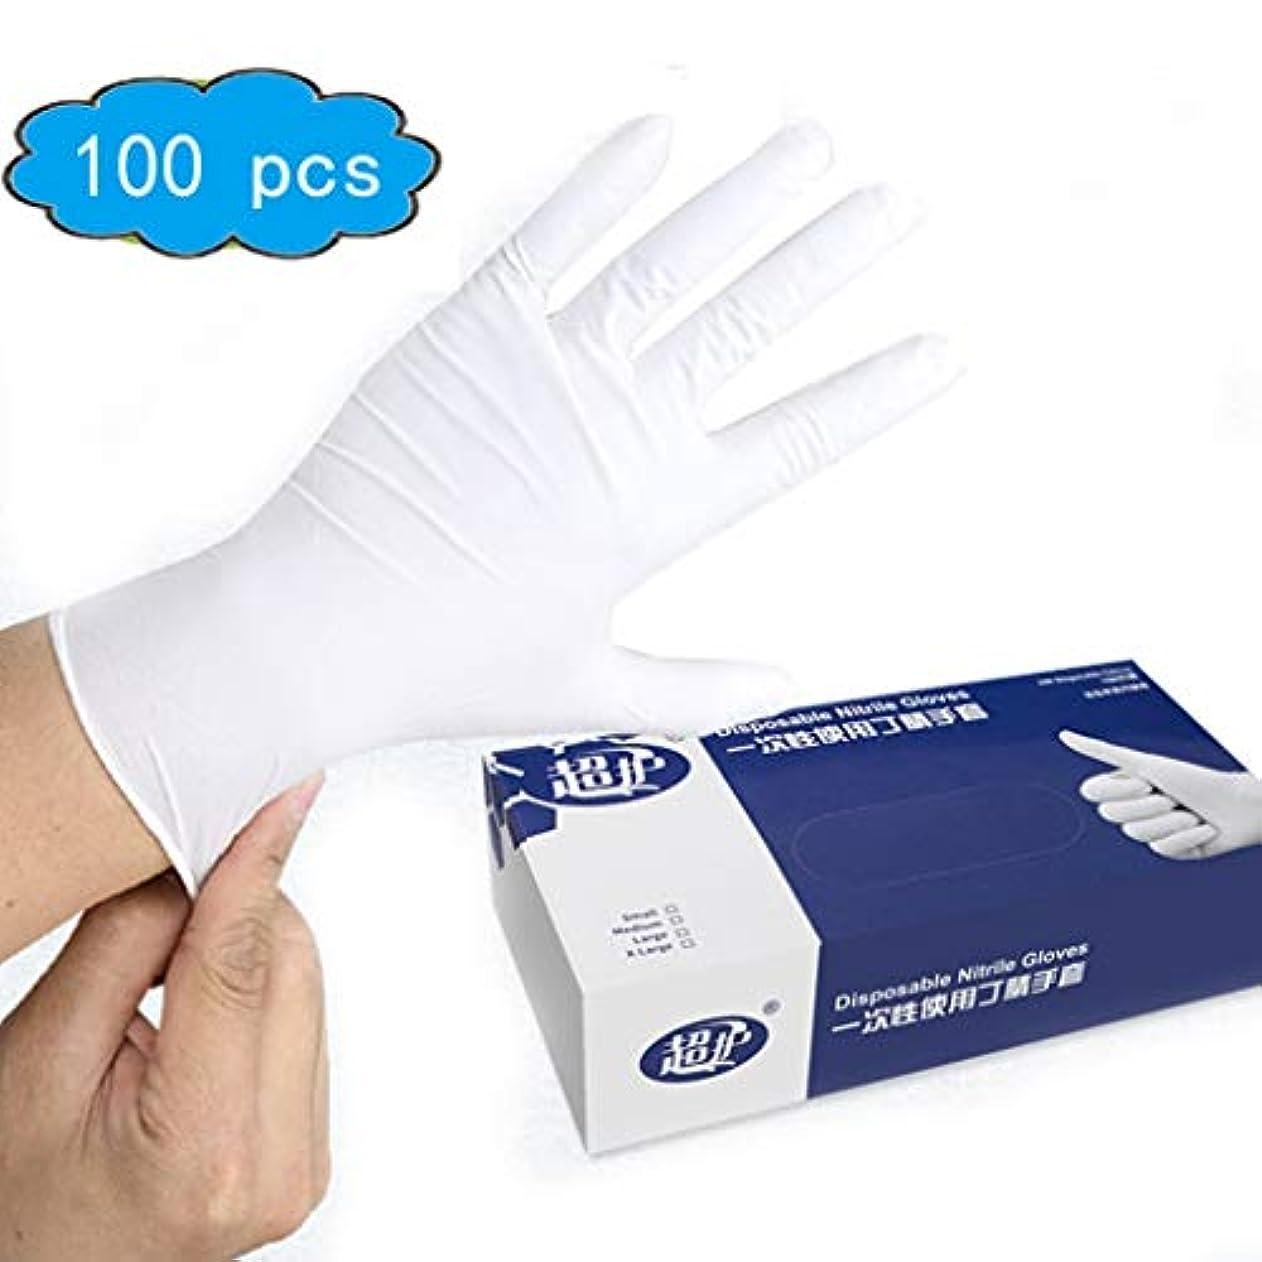 パイントロボットゲージ使い捨てニトリル手袋-医療グレード、パウダーフリー、ラテックスゴムフリー、使い捨て、非滅菌、食品安全、白色、2.5ミル、100個入りパック、使い捨て手袋食品、ツール&ホーム改善 (Color : White, Size...